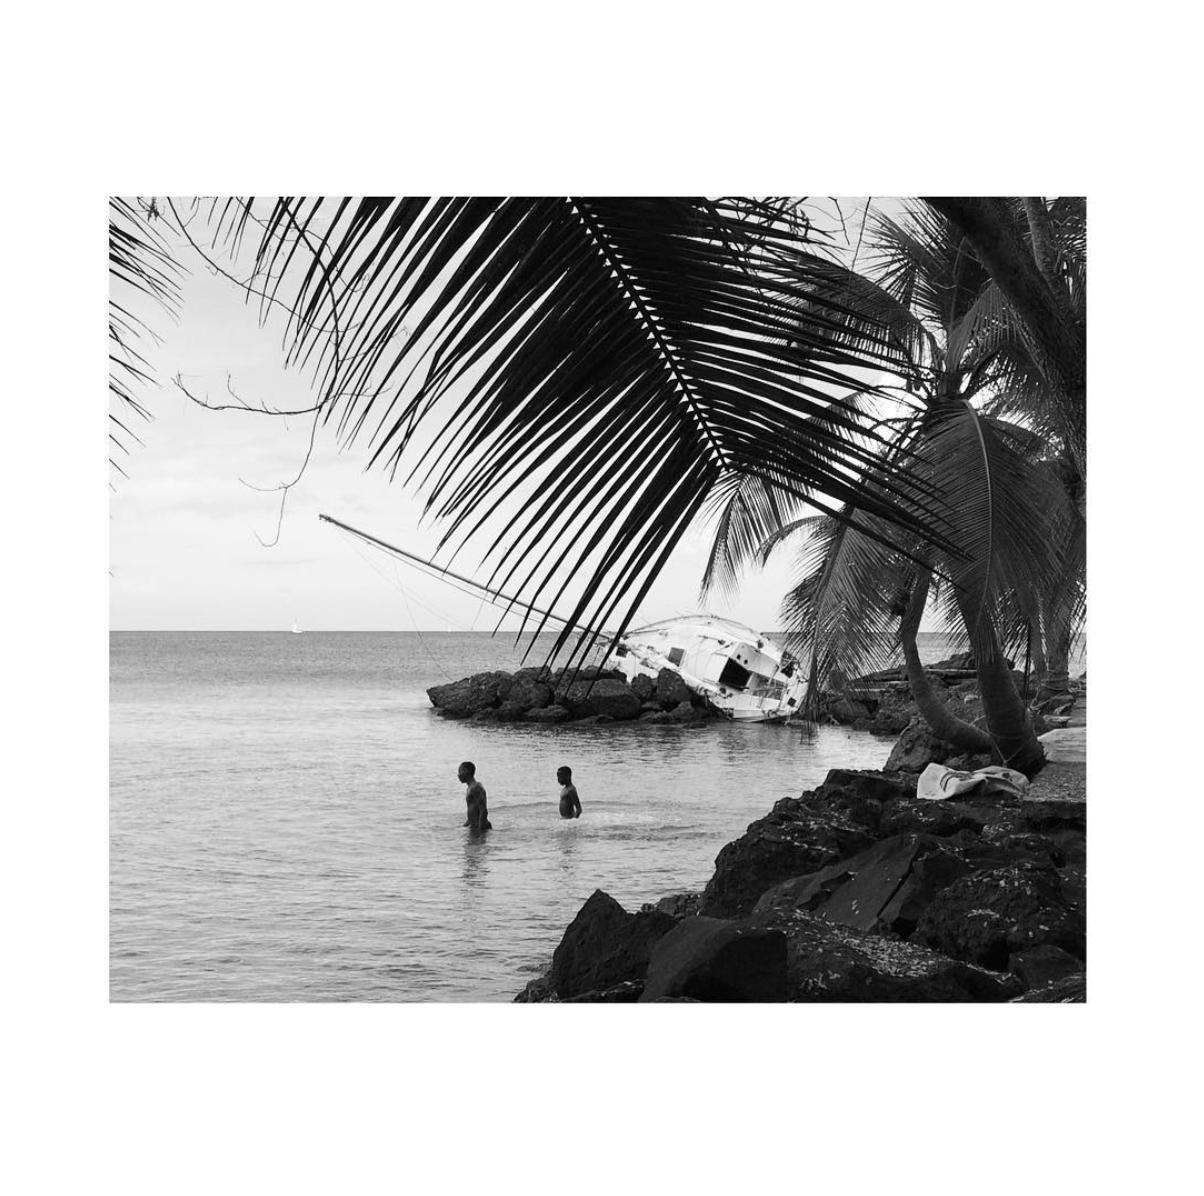 Les Trois-Îlets, Martinique – Caribbean